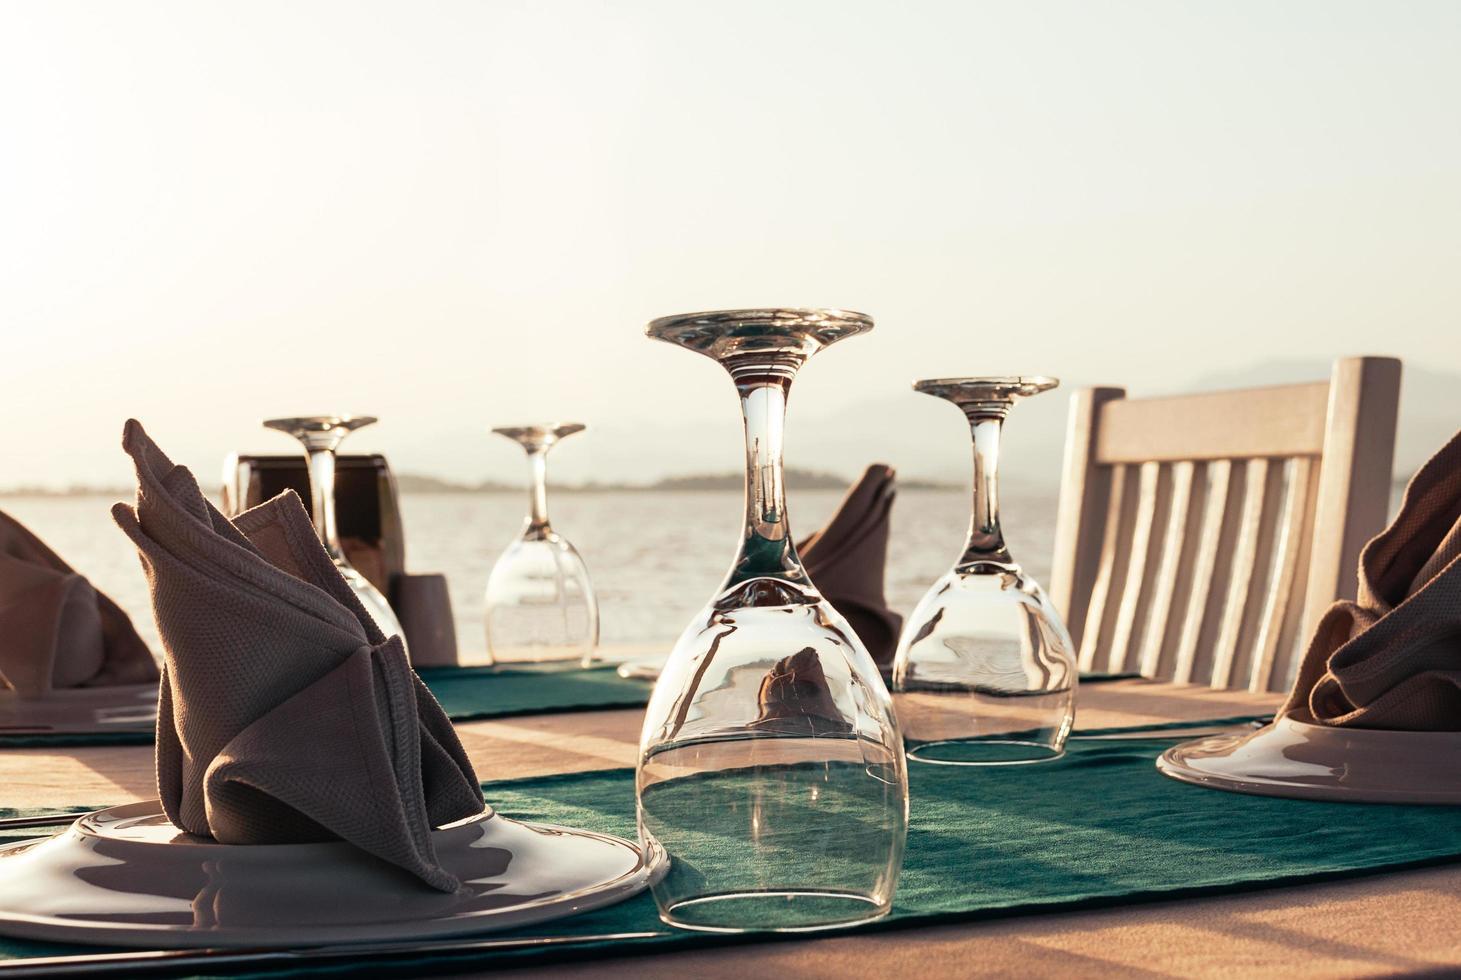 apparecchiare la tavola al ristorante sulla spiaggia al tramonto foto